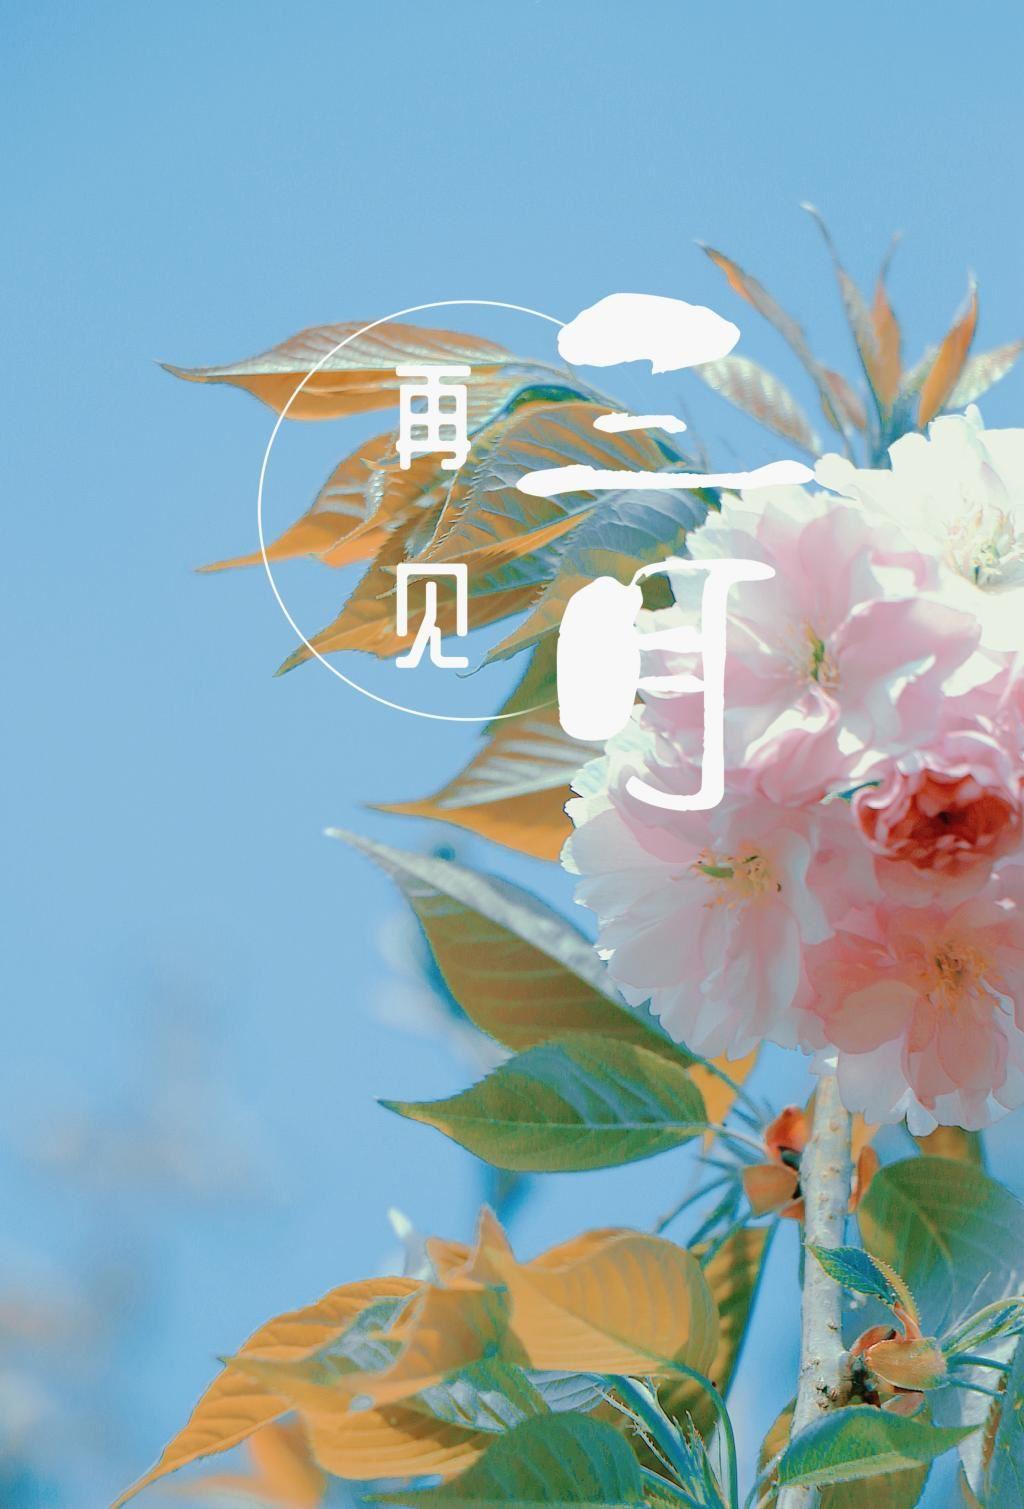 万物可爱的三月再见,唯美小清新的粉色花朵图